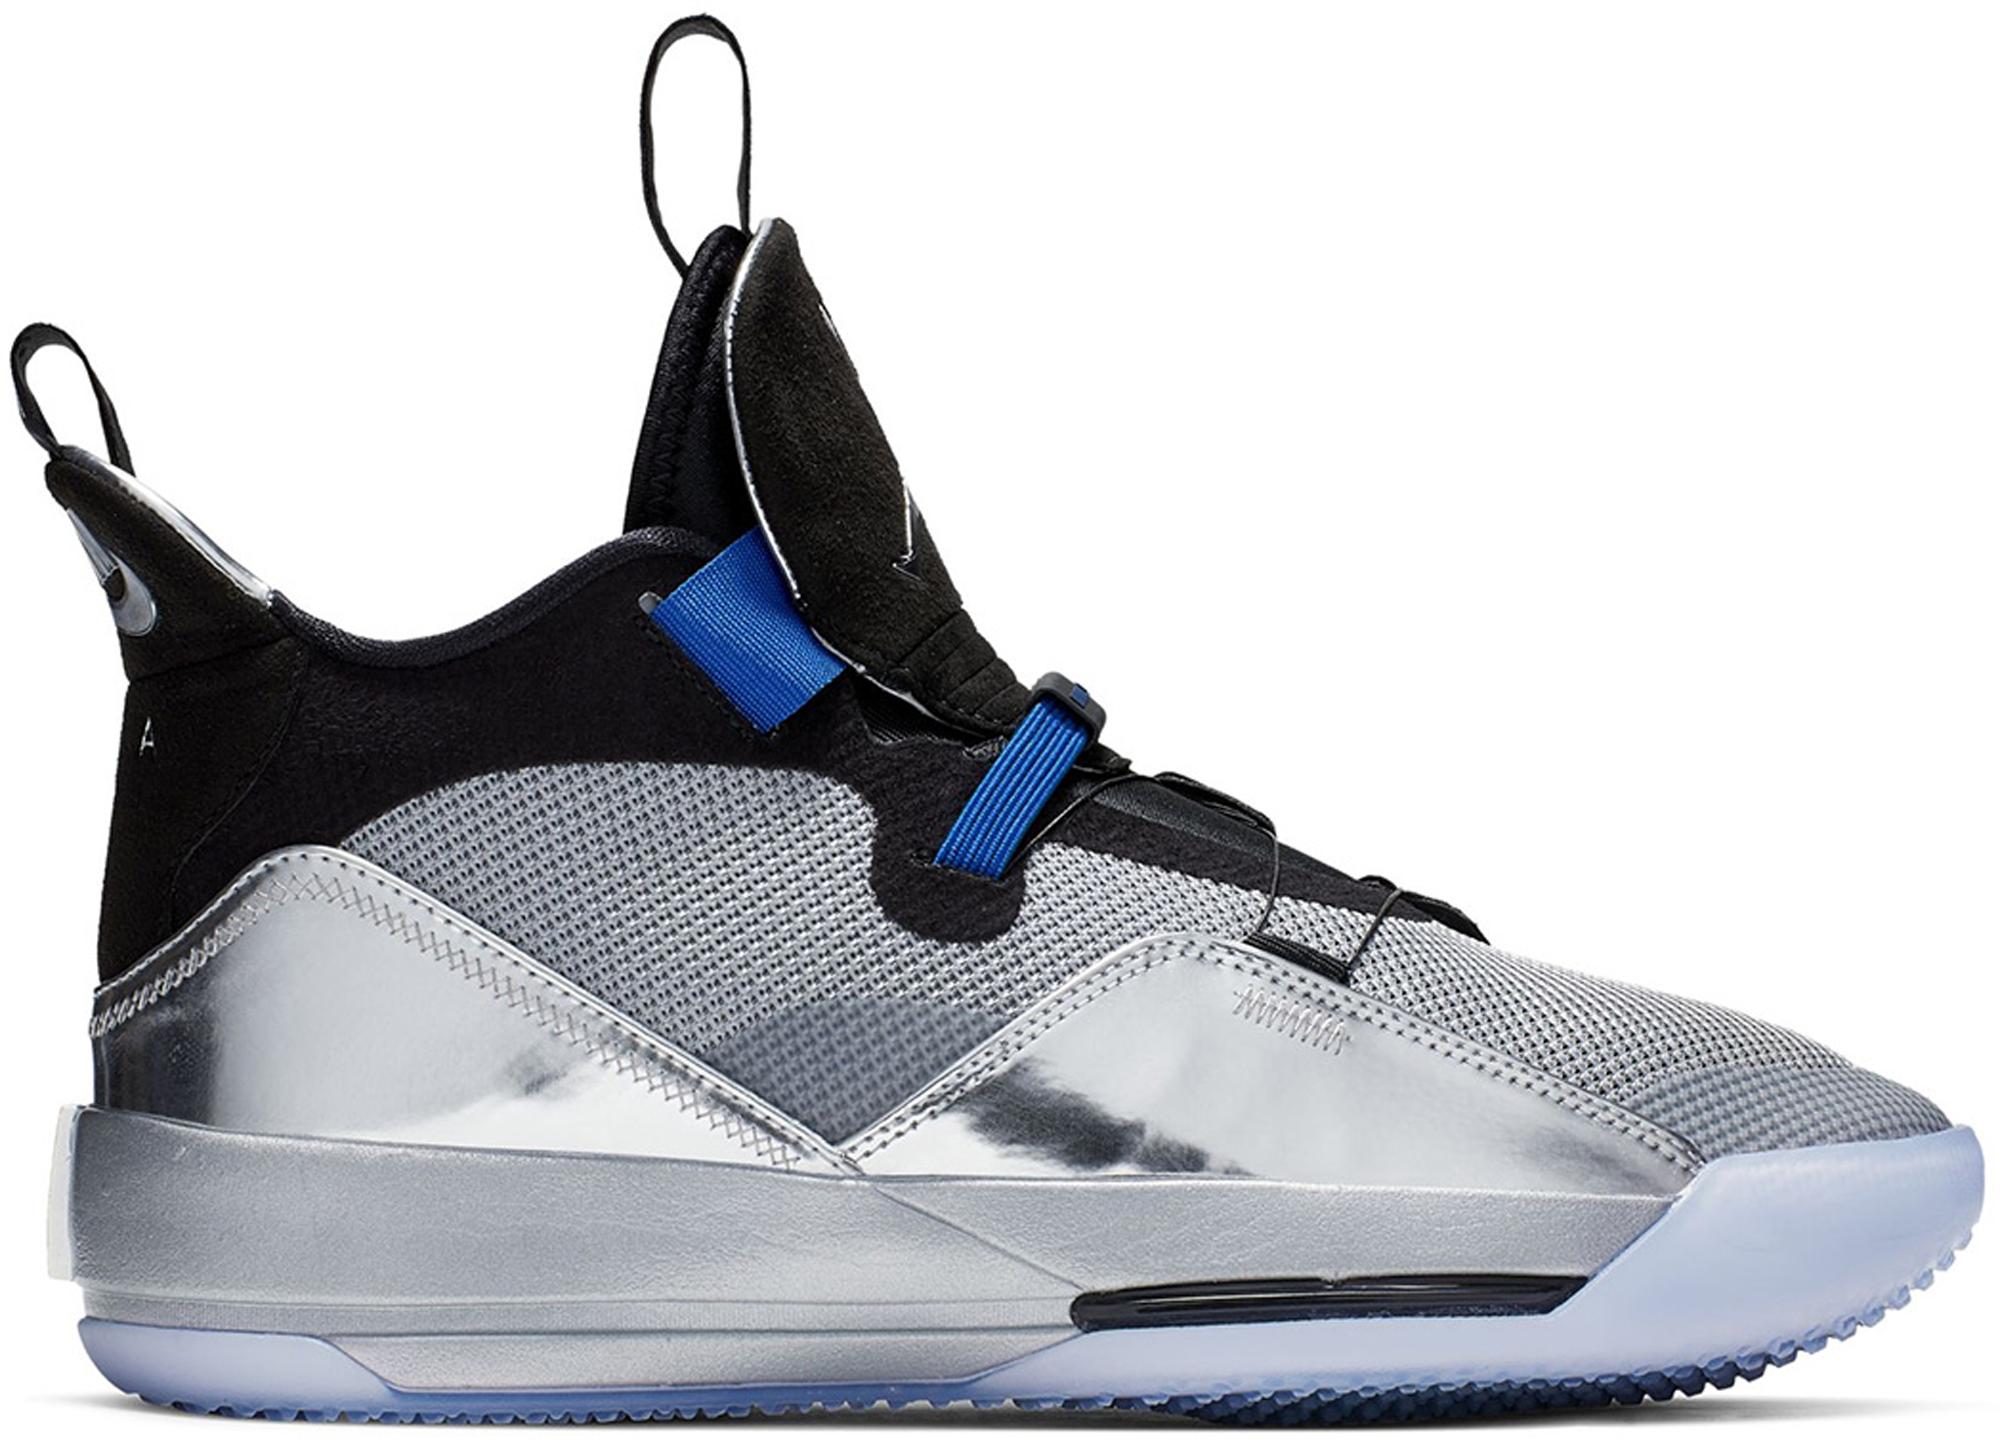 Jordan XXXIII Metallic Silver Black All Star